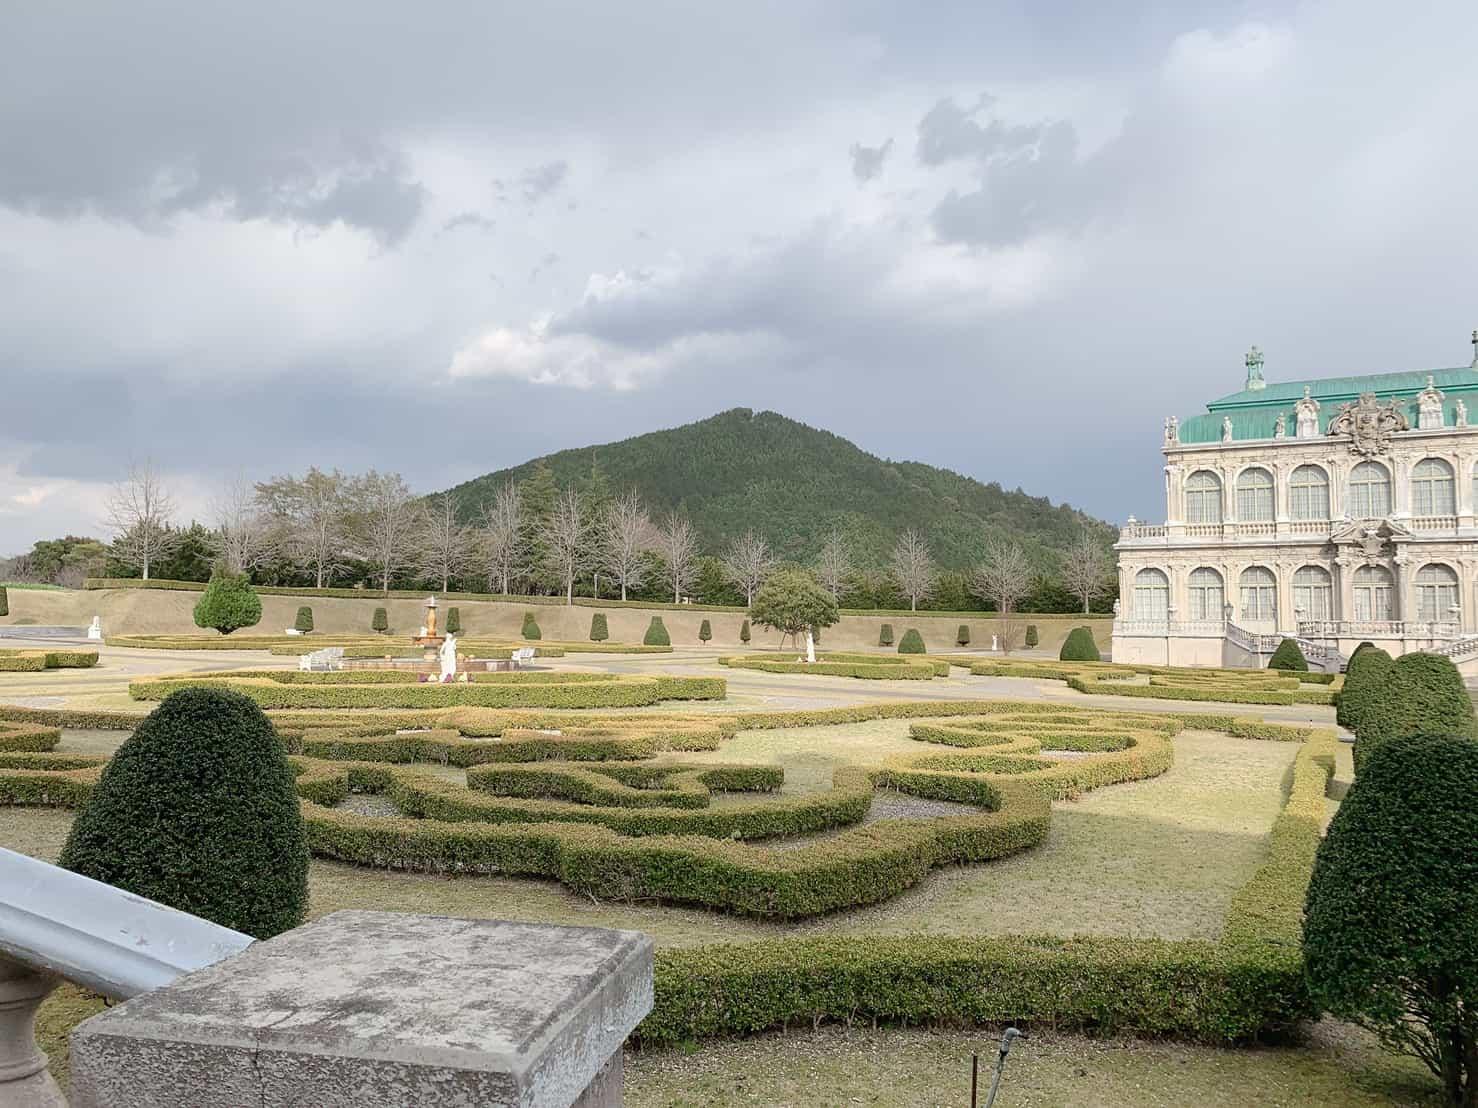 ツヴィンガー宮殿3